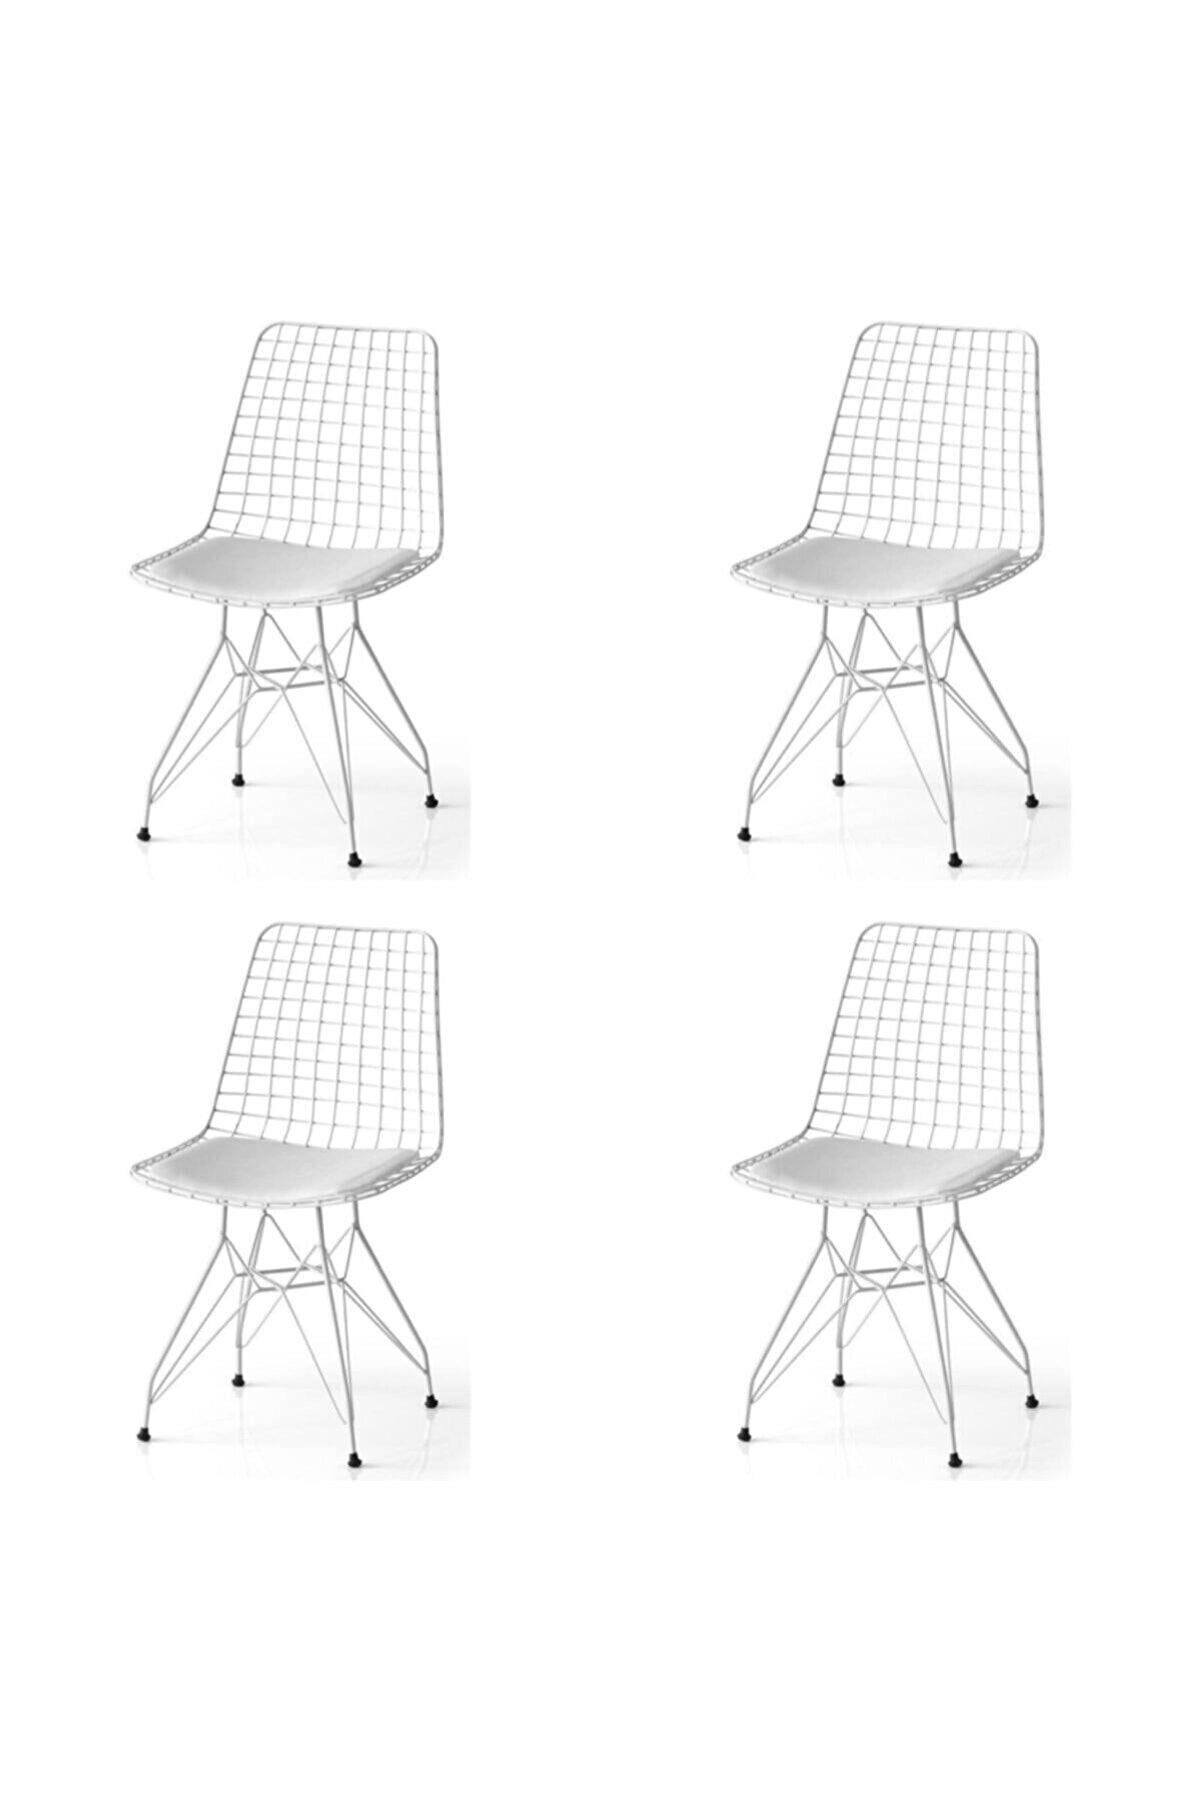 SANDALYENBURADA Tel Sandalye-beyaz--4 Lü Fiyattır--cafe Sandalye-mutfak Sandalye-bahçe Sandalye Minder Siyah